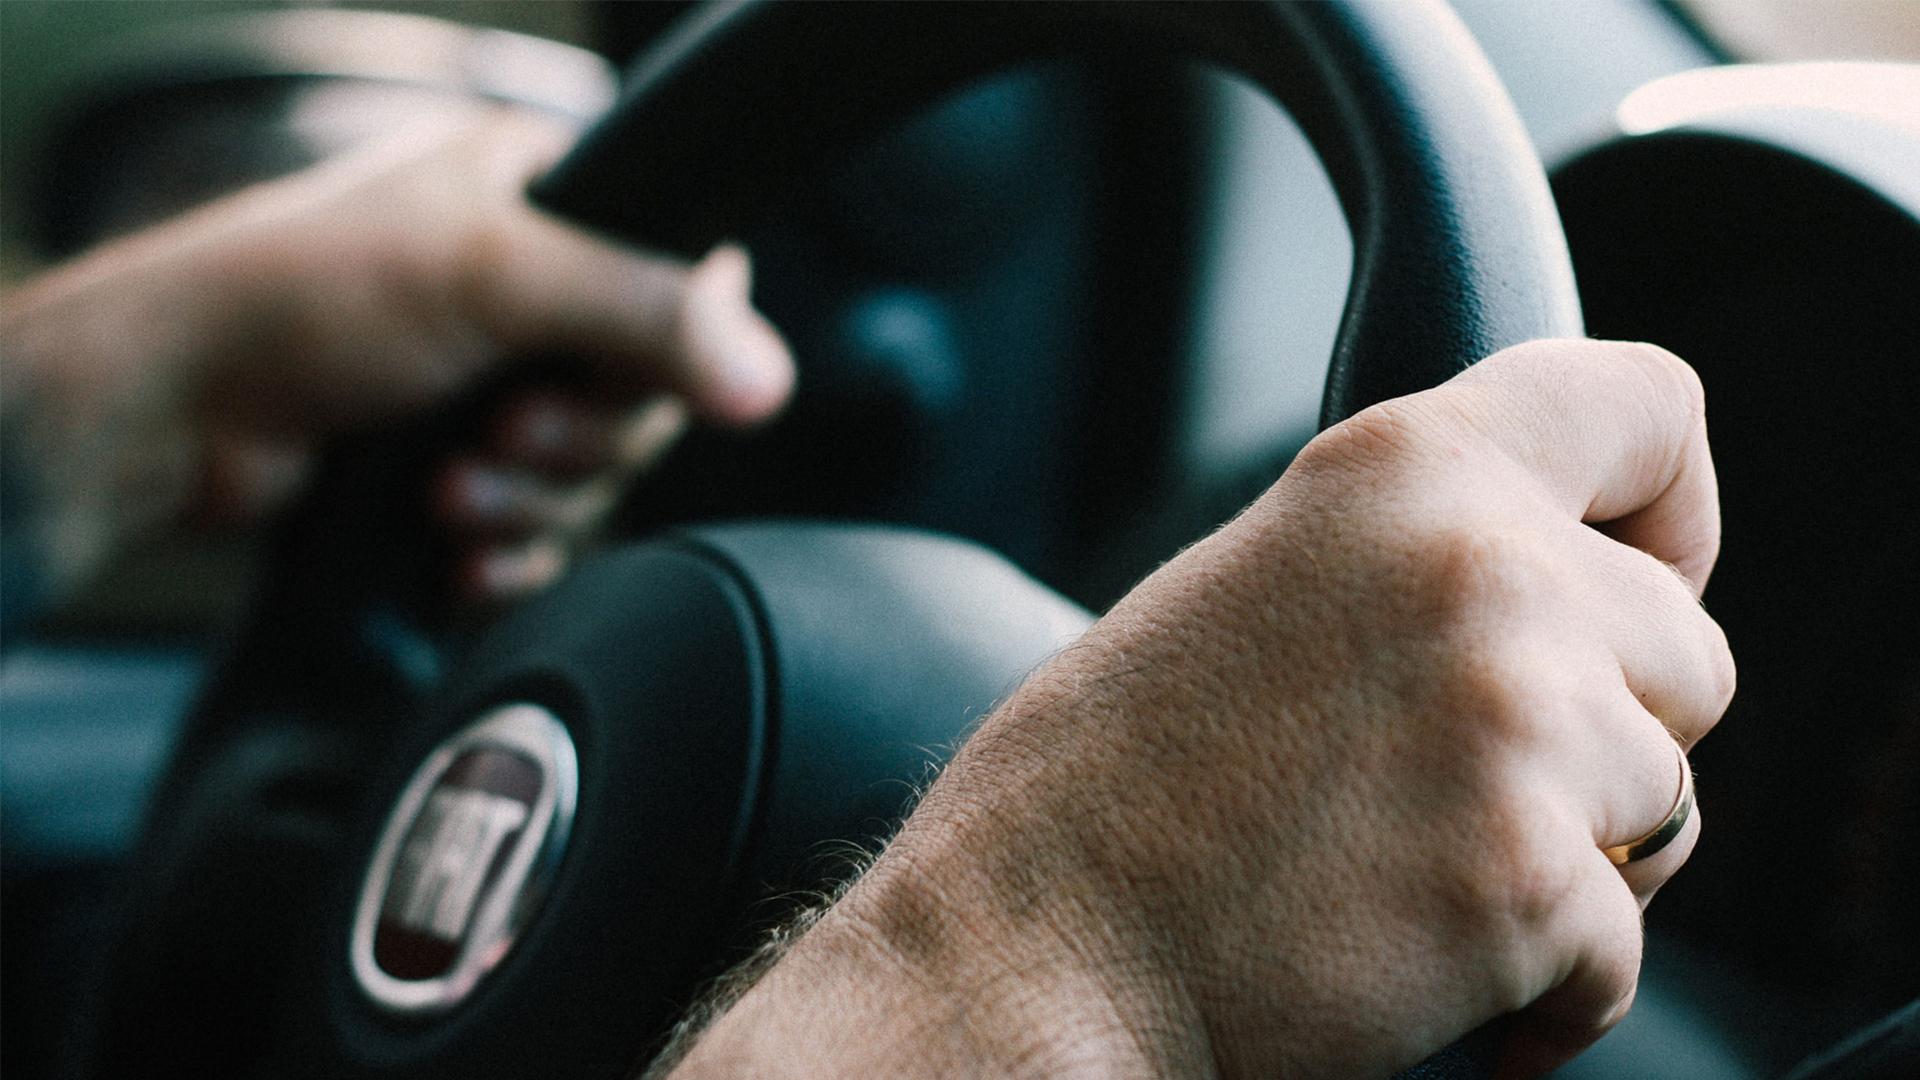 mao de homem no volante sistema hidráulico direção do carro